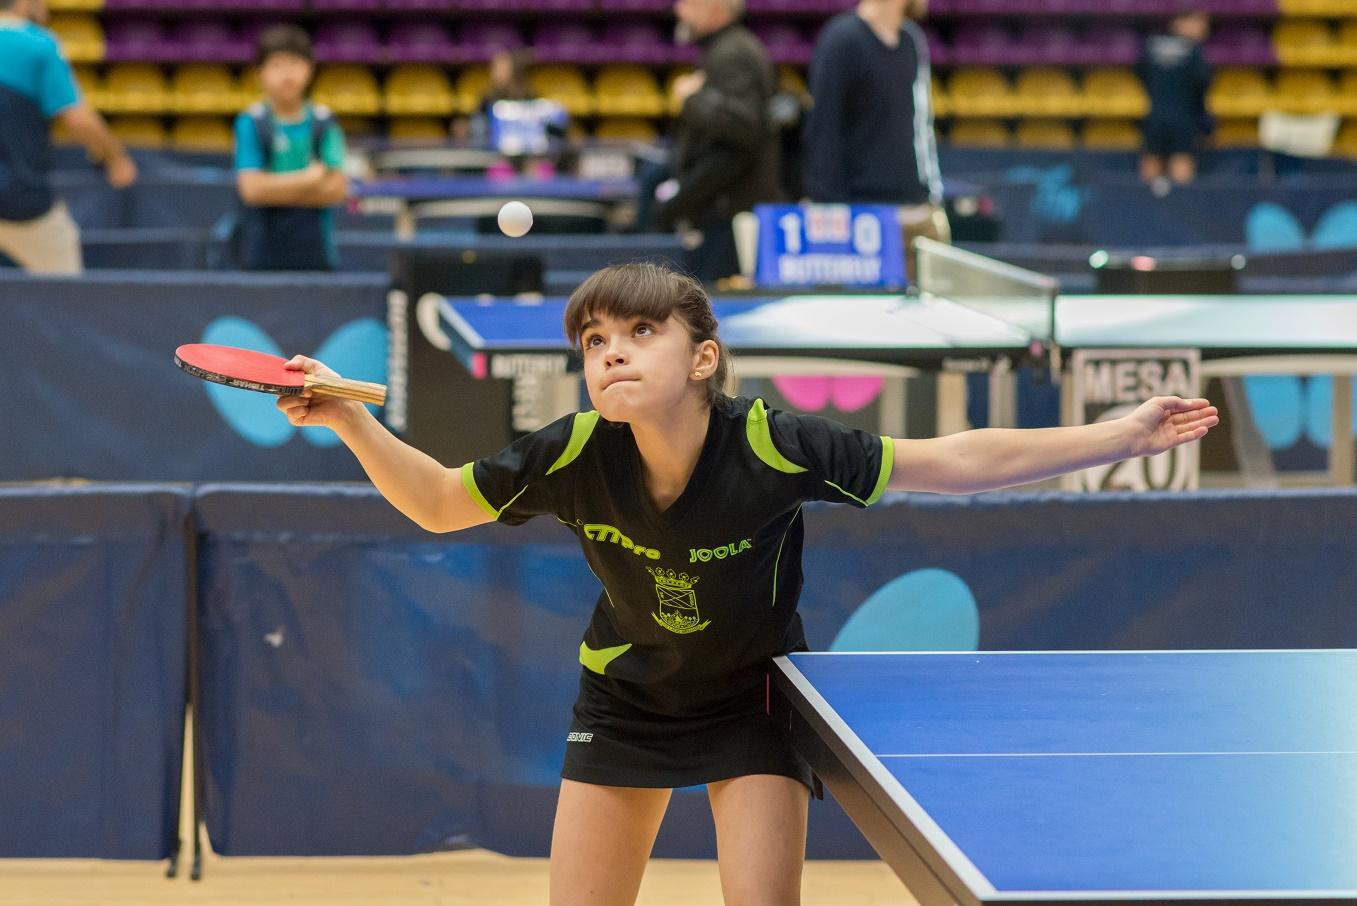 Ángela Rodríguez Martín sube al podium del Campeonato de España absoluto de tenis de mesa